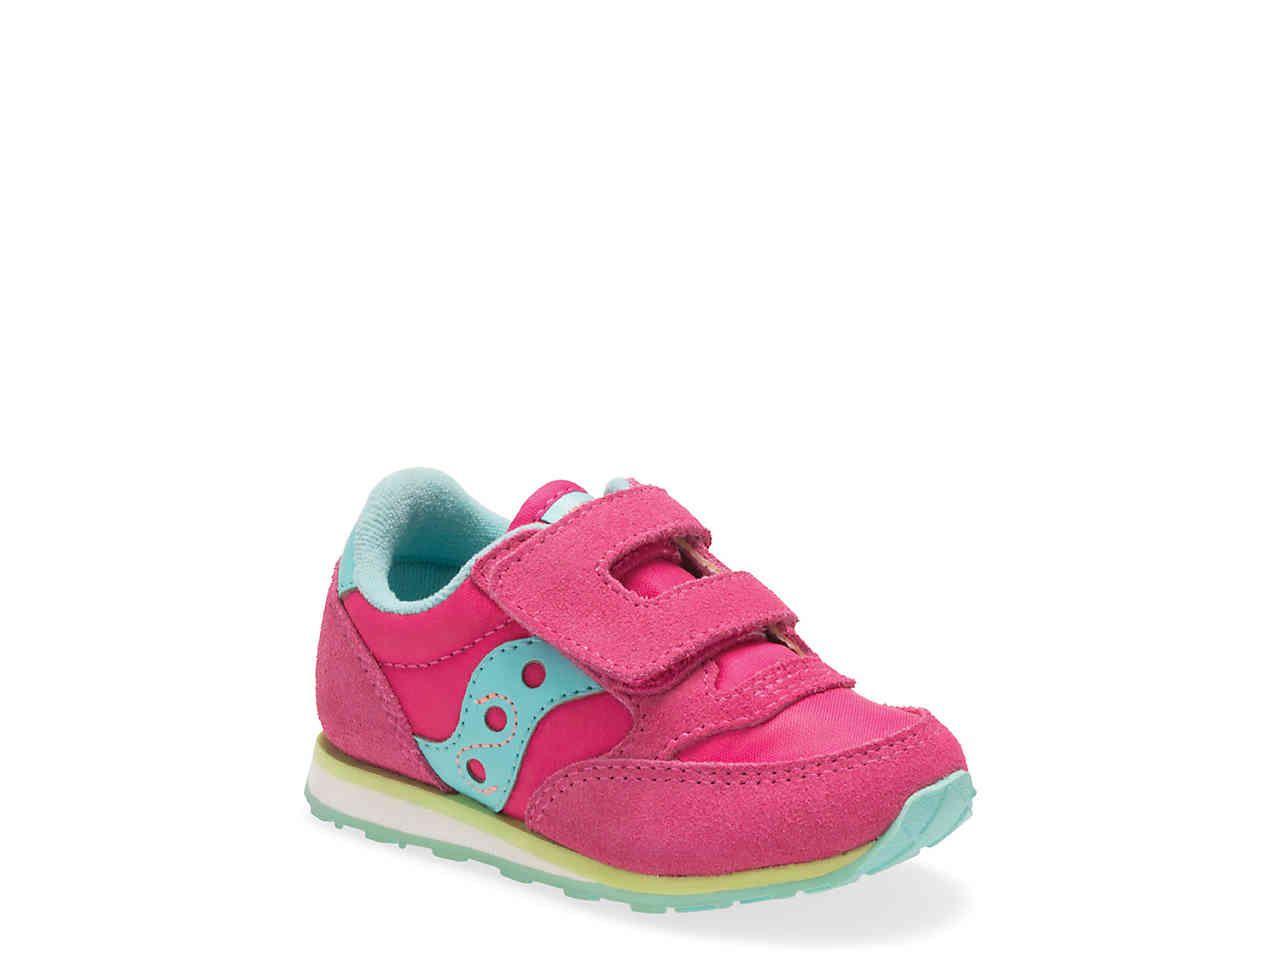 Saucony Baby Jazz Sneaker - Kids